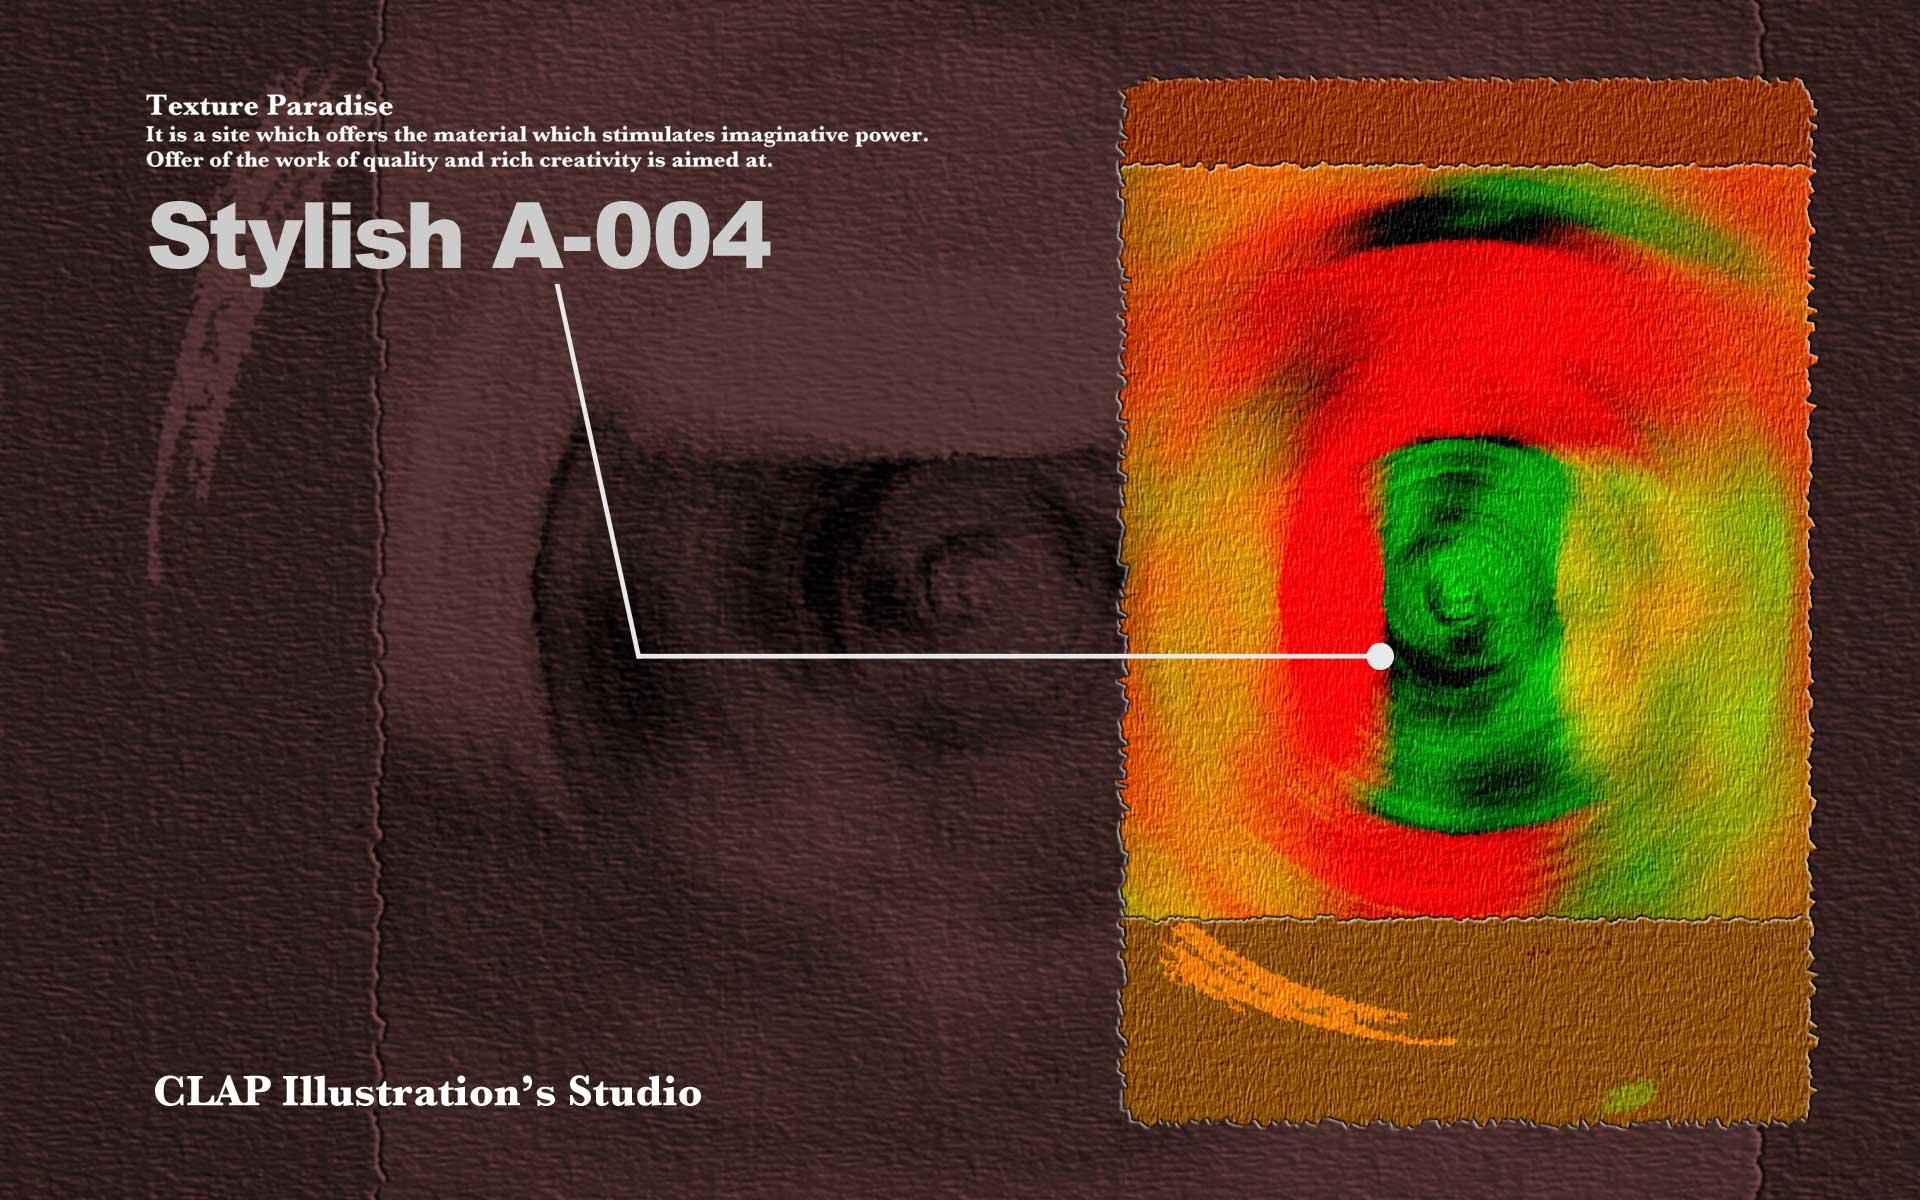 a004_1920x1200.jpg